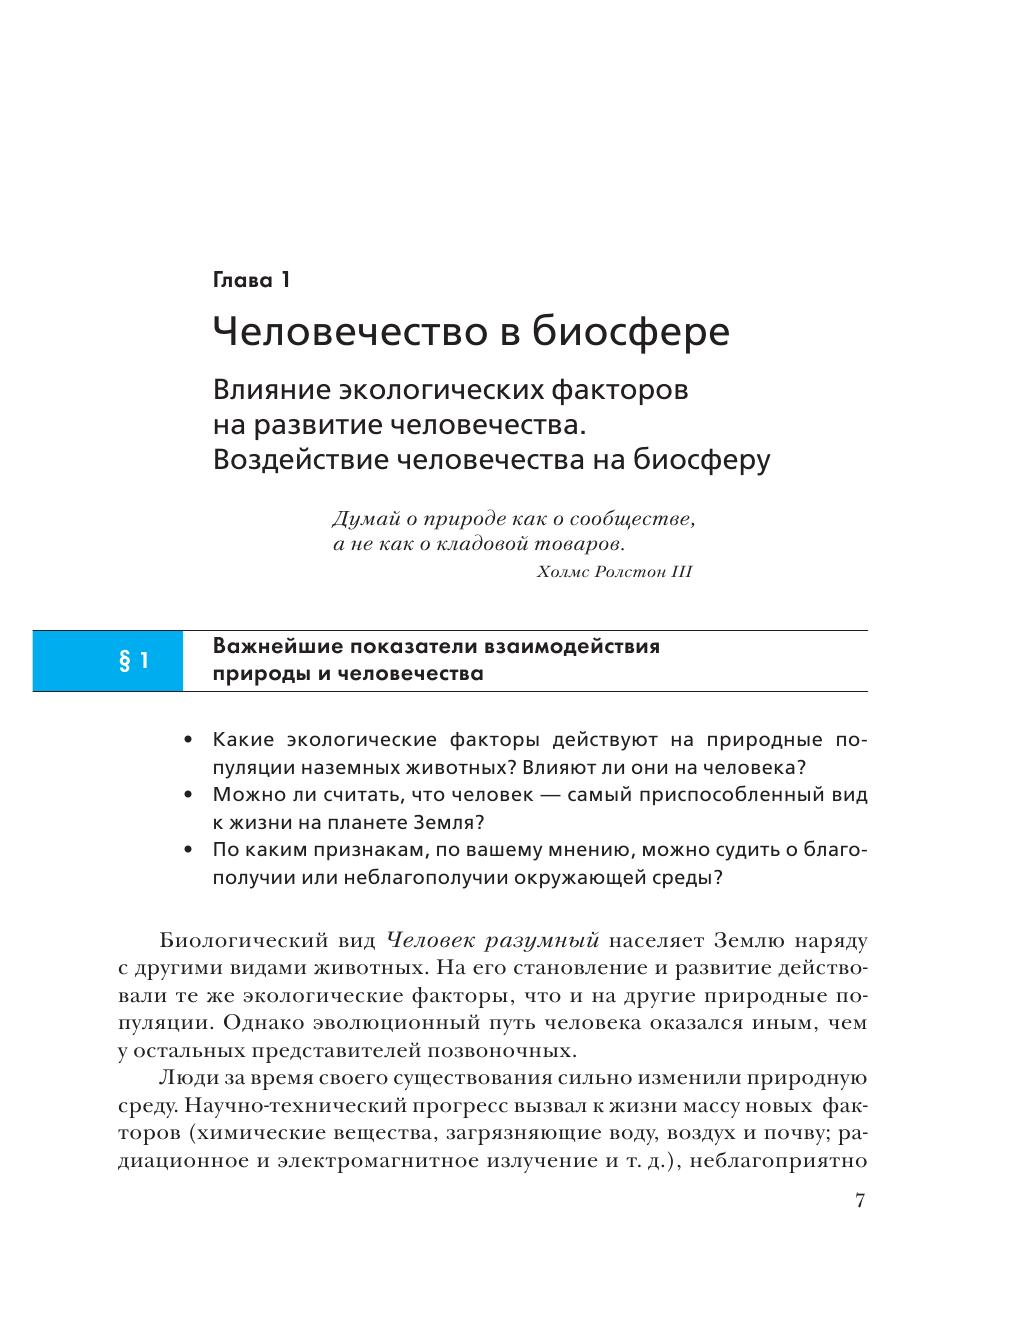 Экология. 9 класс. Биосфера и человечество. Учебное пособие - страница 7